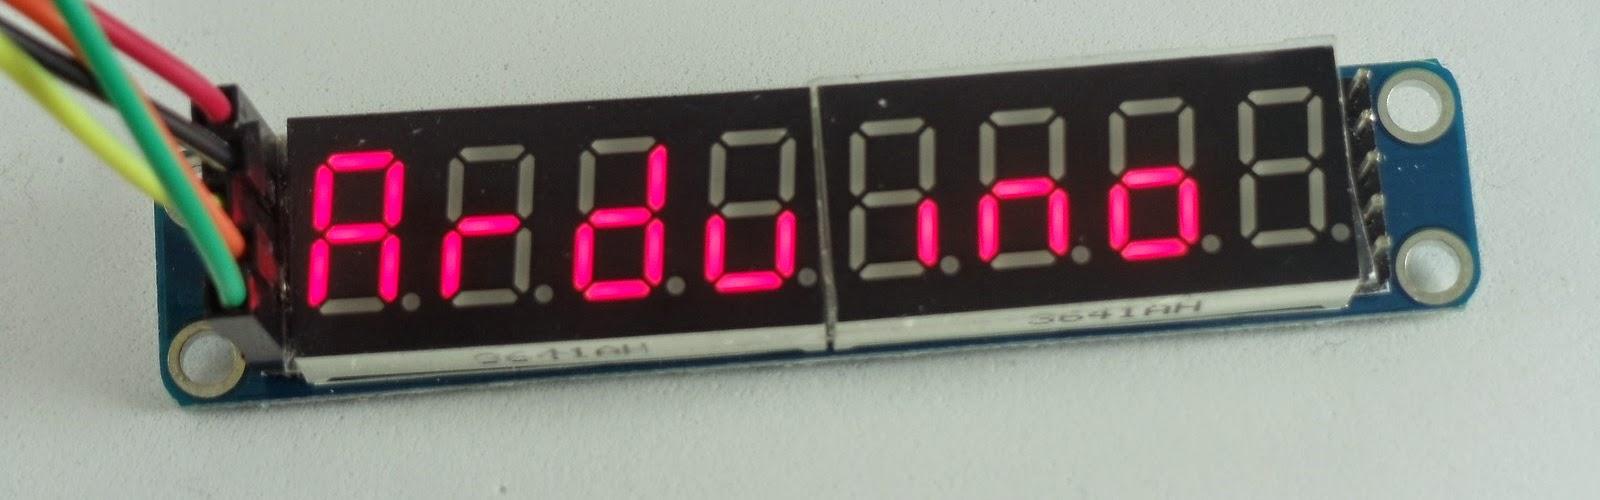 display 7 segmentos 8 digitos max7219